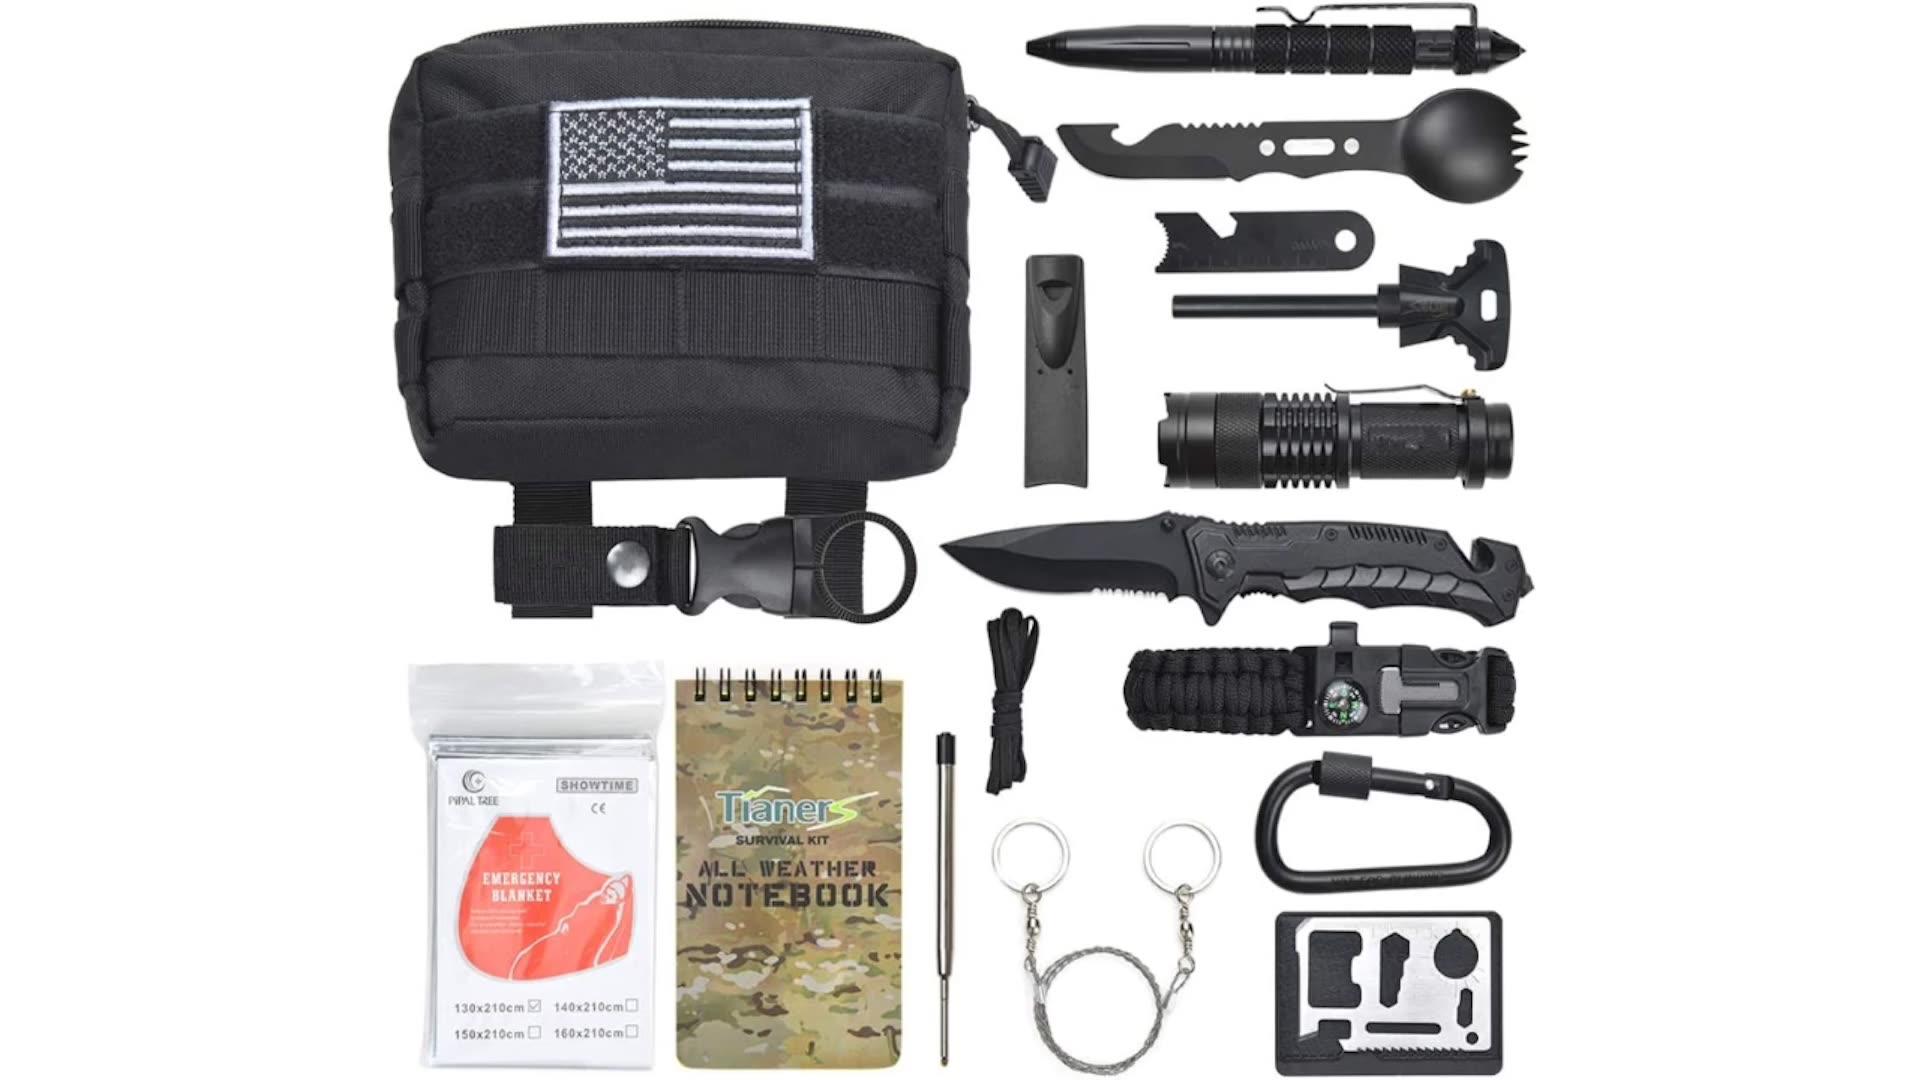 Kit de survie équipement d'urgence 18 en 1 | Kit de Camping extérieur, fournitures Sos Edc Kit de survie